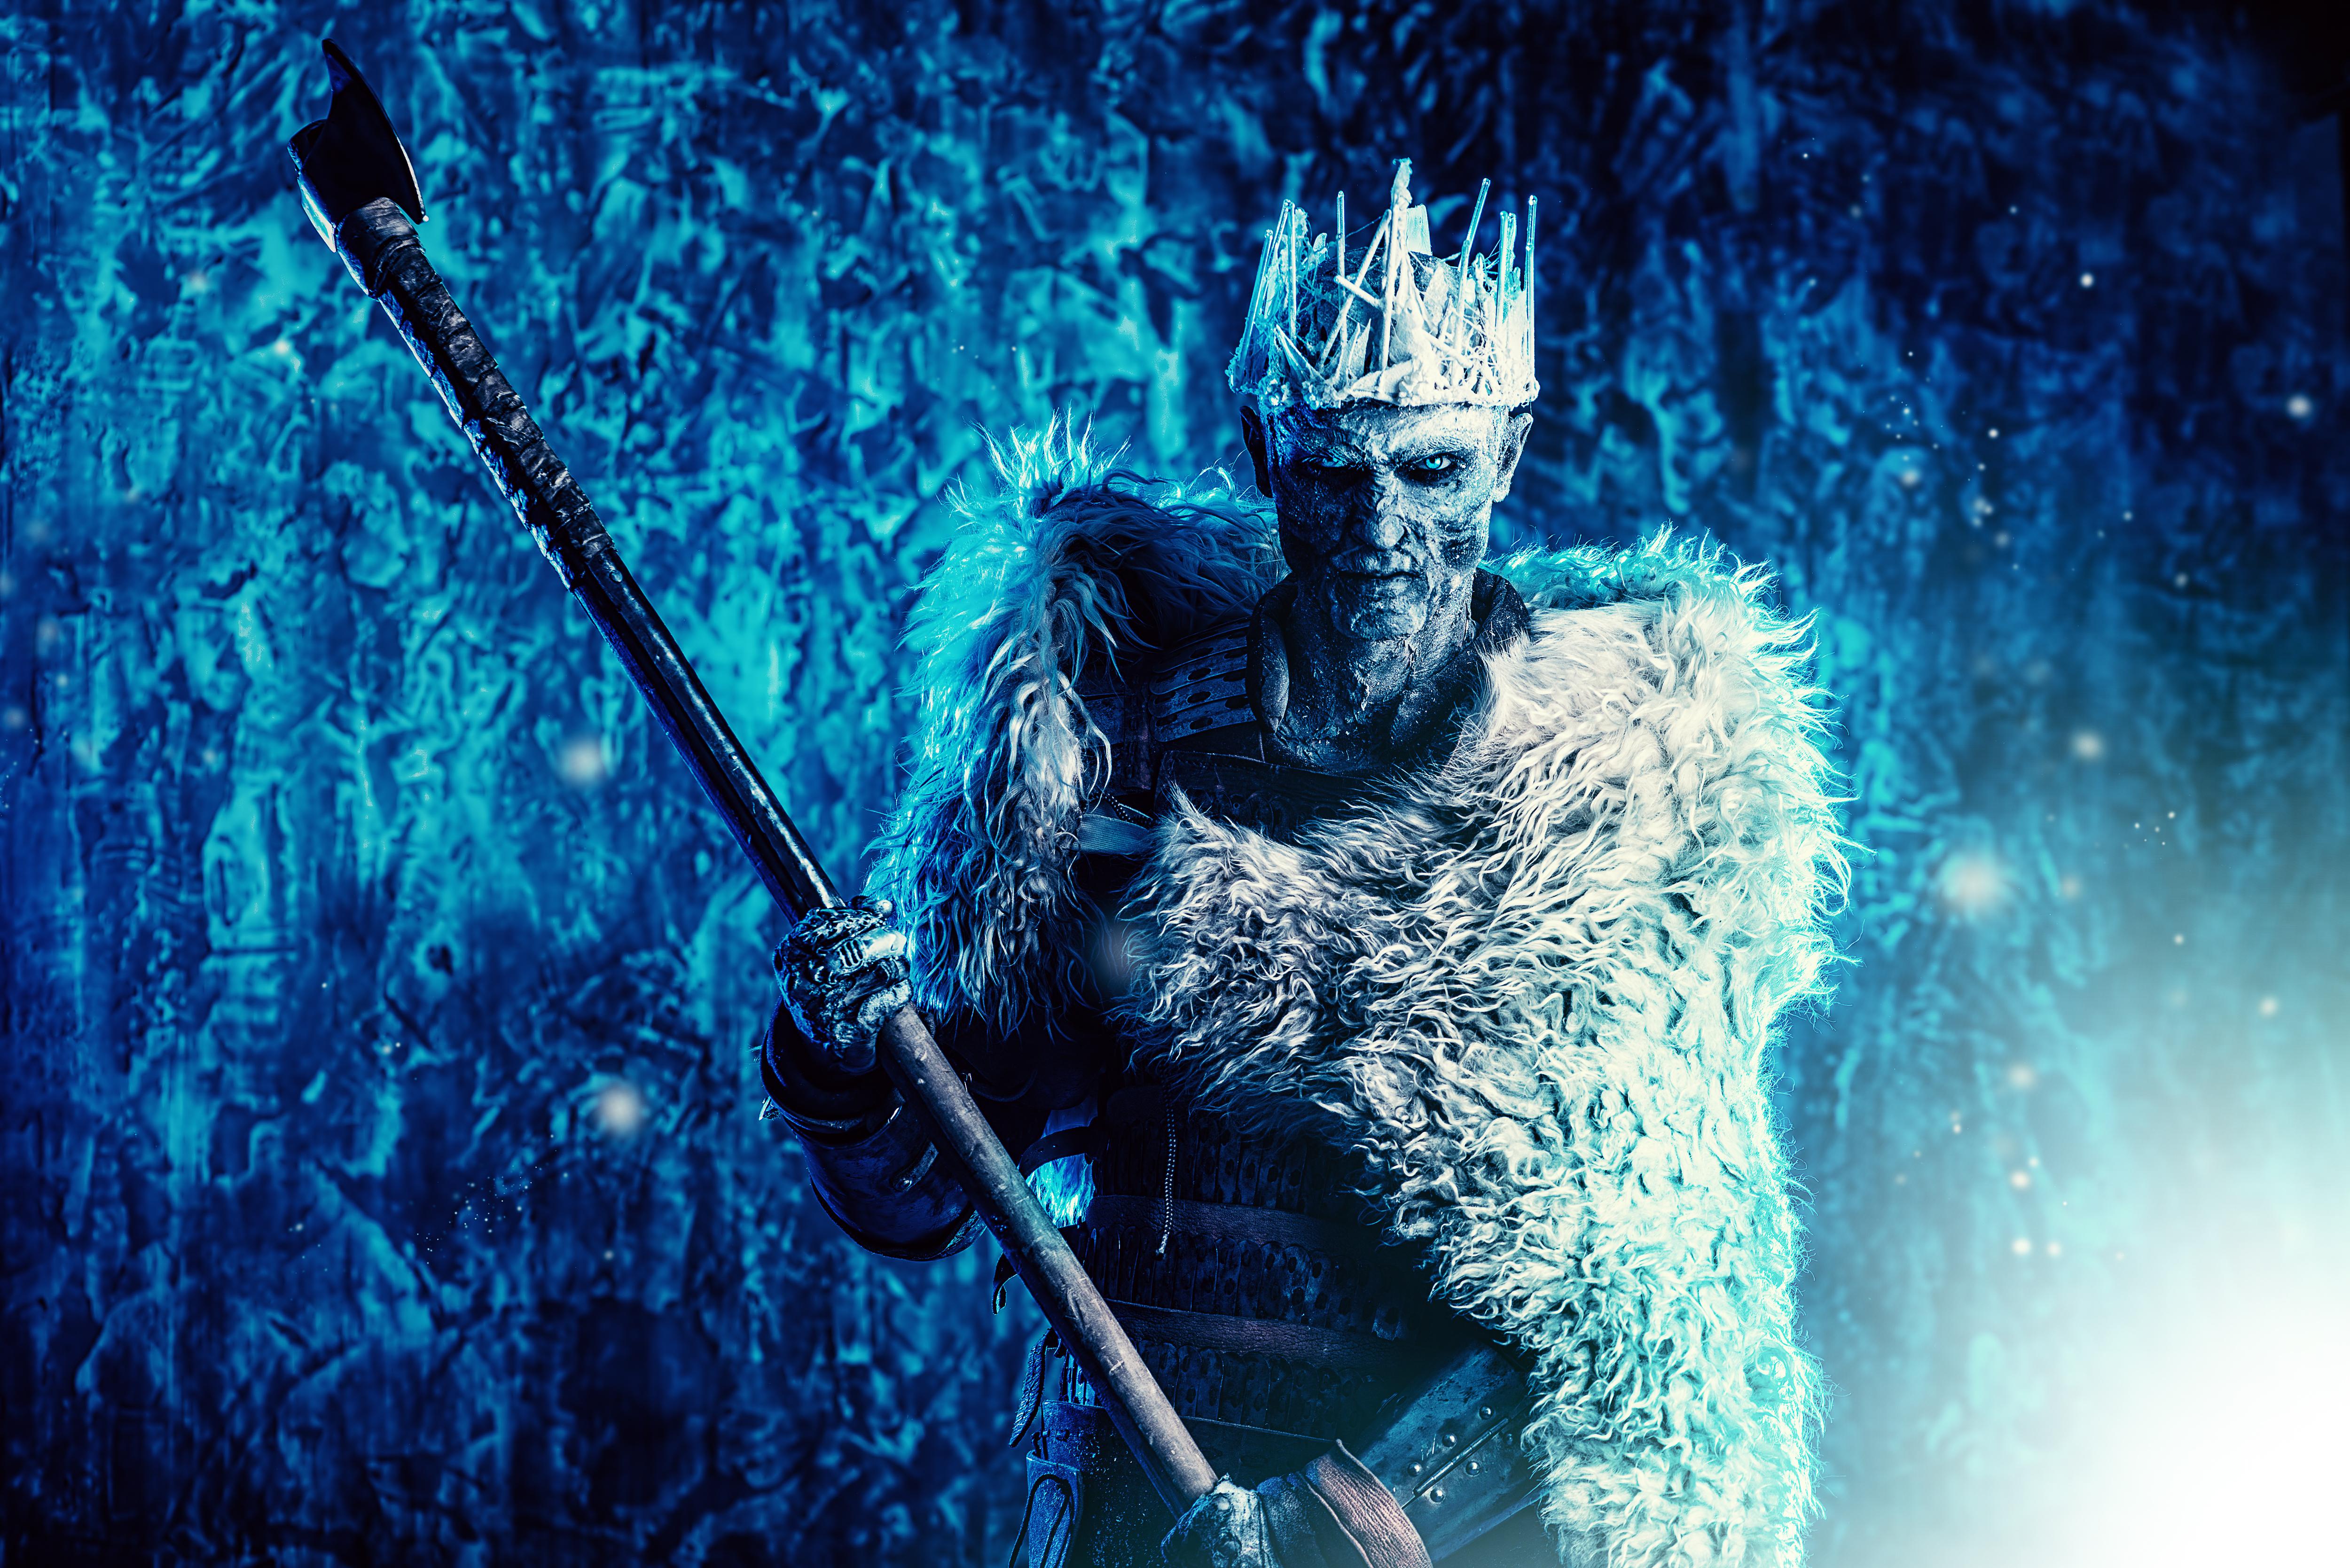 night king art 1577915104 - Night King Art -